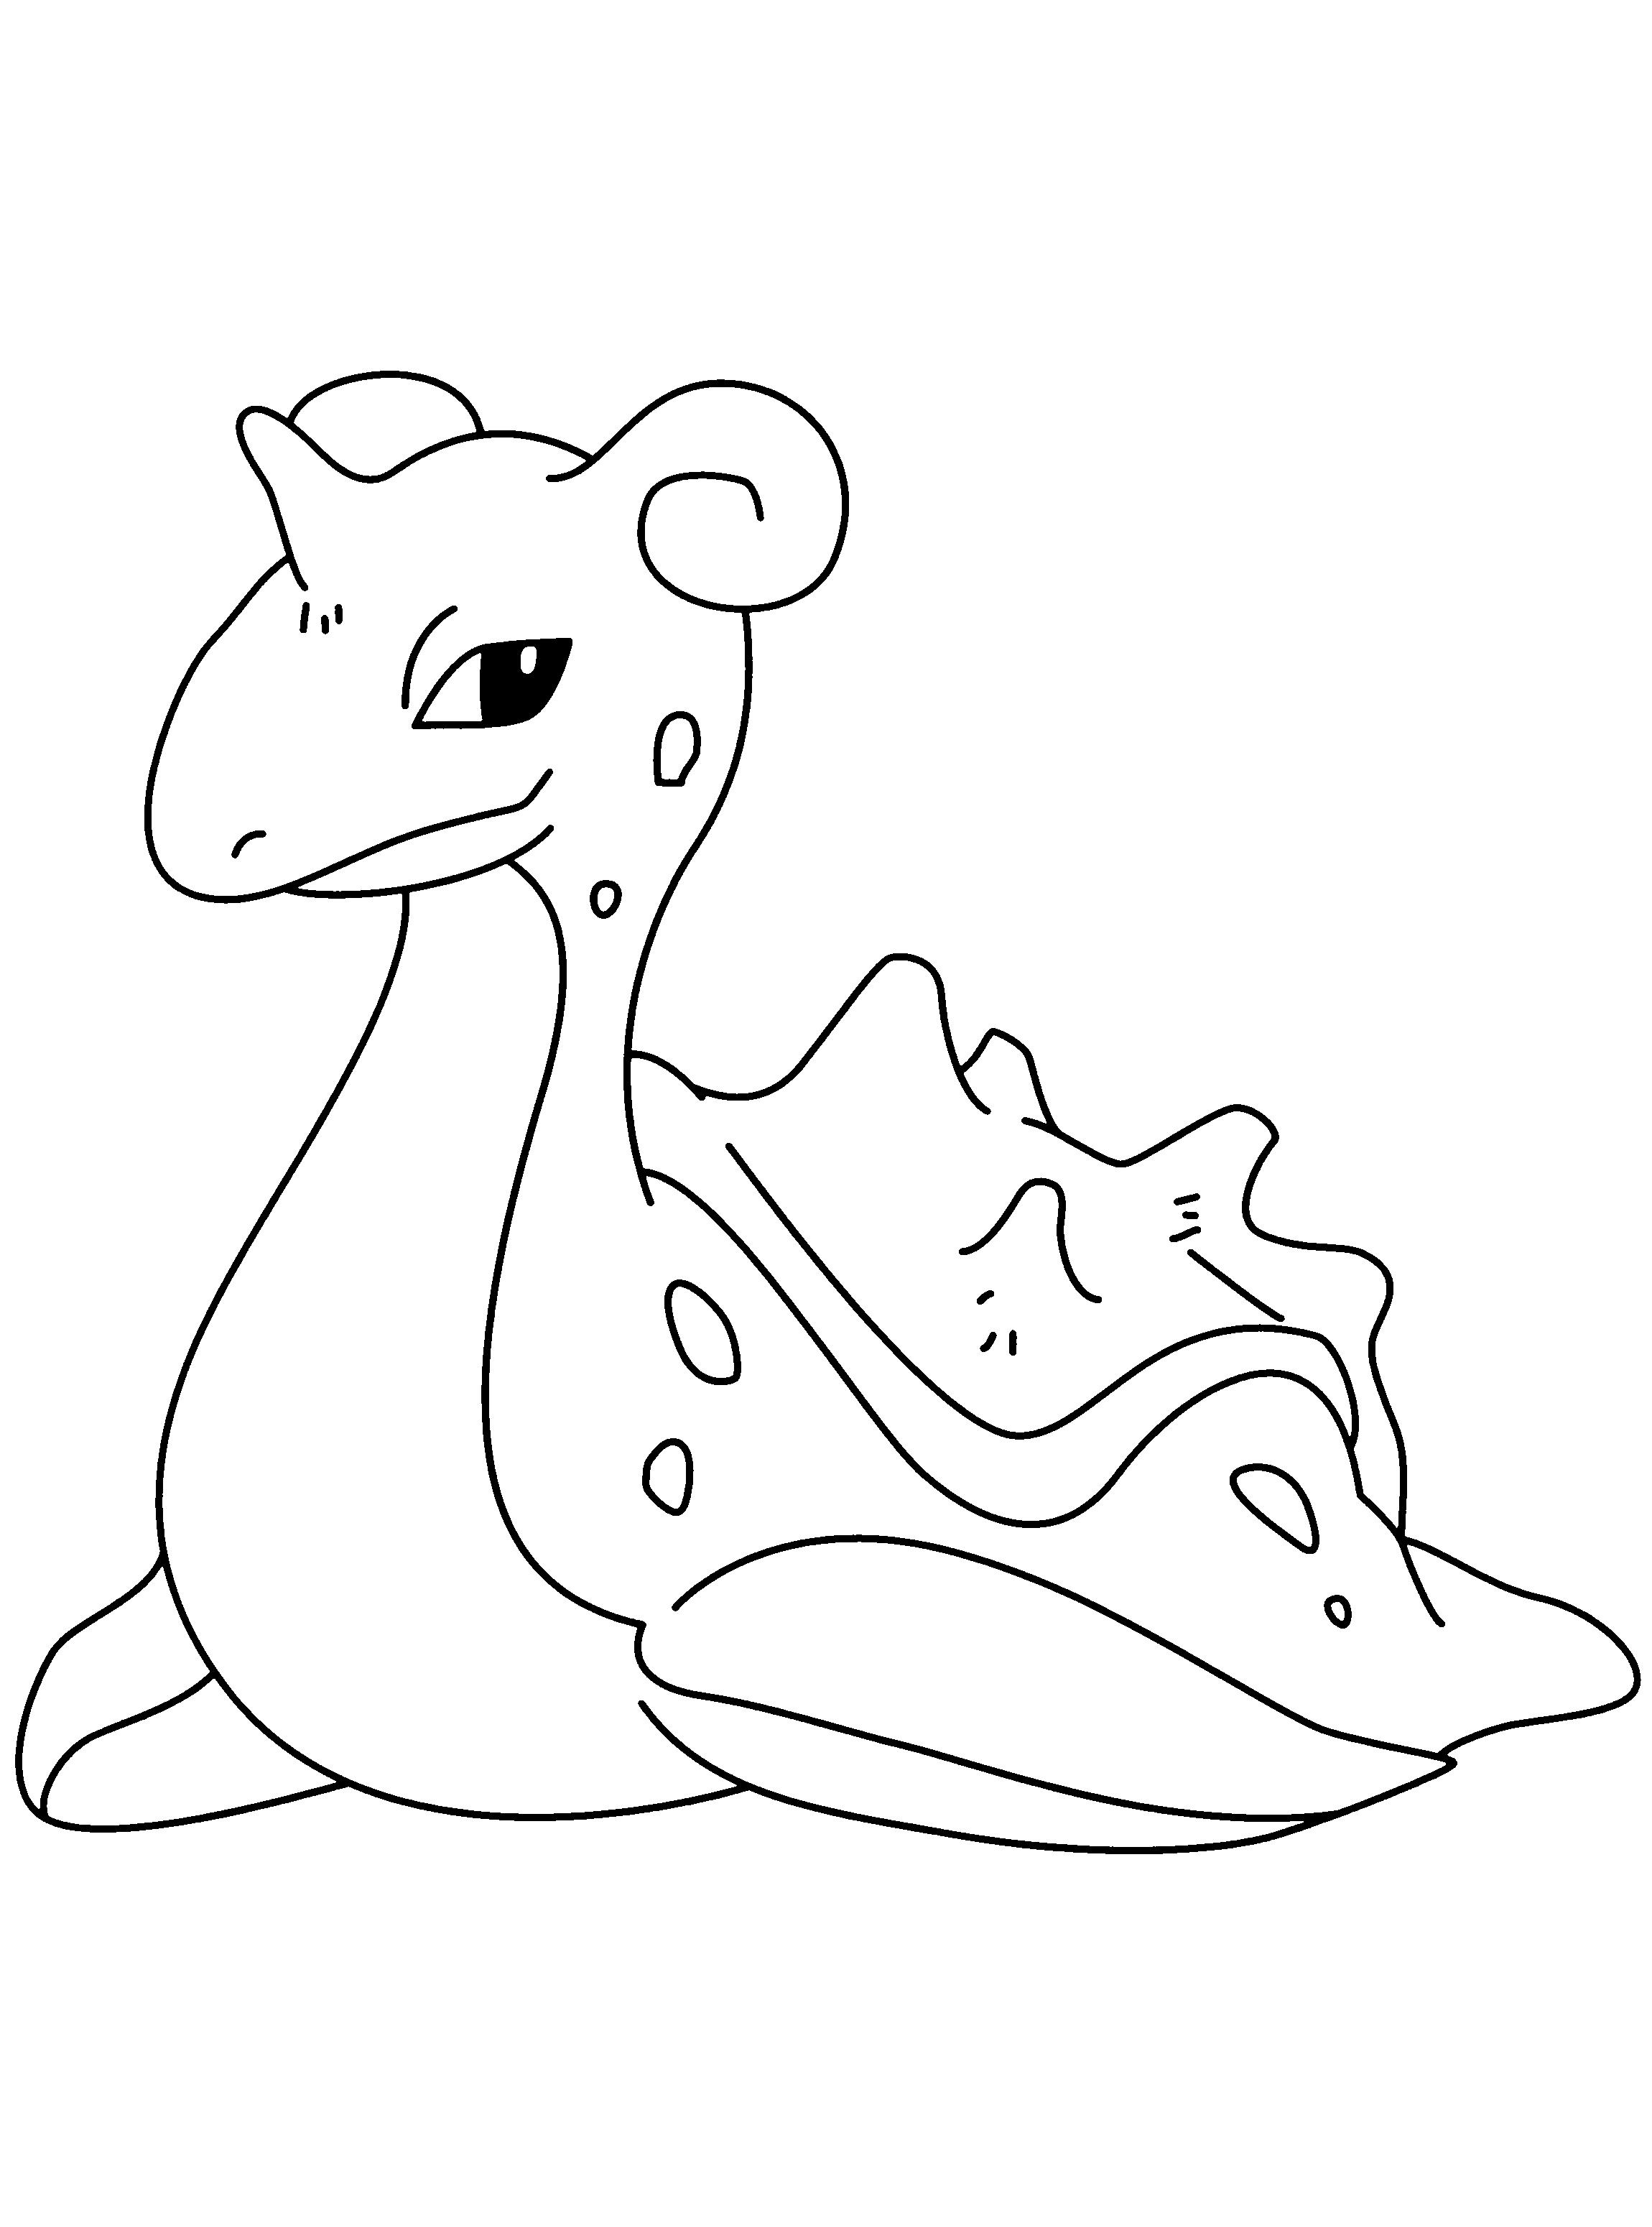 malvorlage - pokemon malvorlagen 745